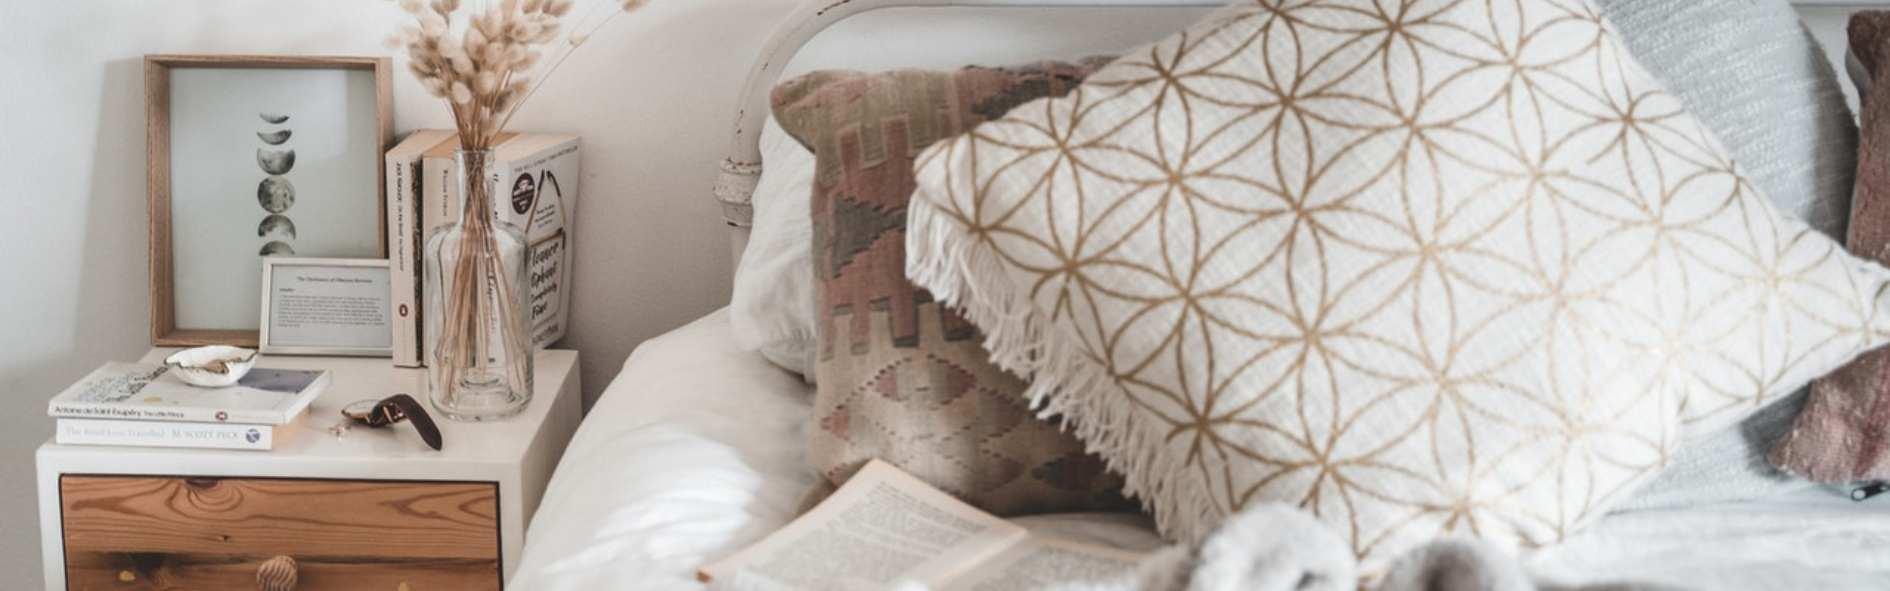 Conoce el estilo escandinavo para decorar tu hogar